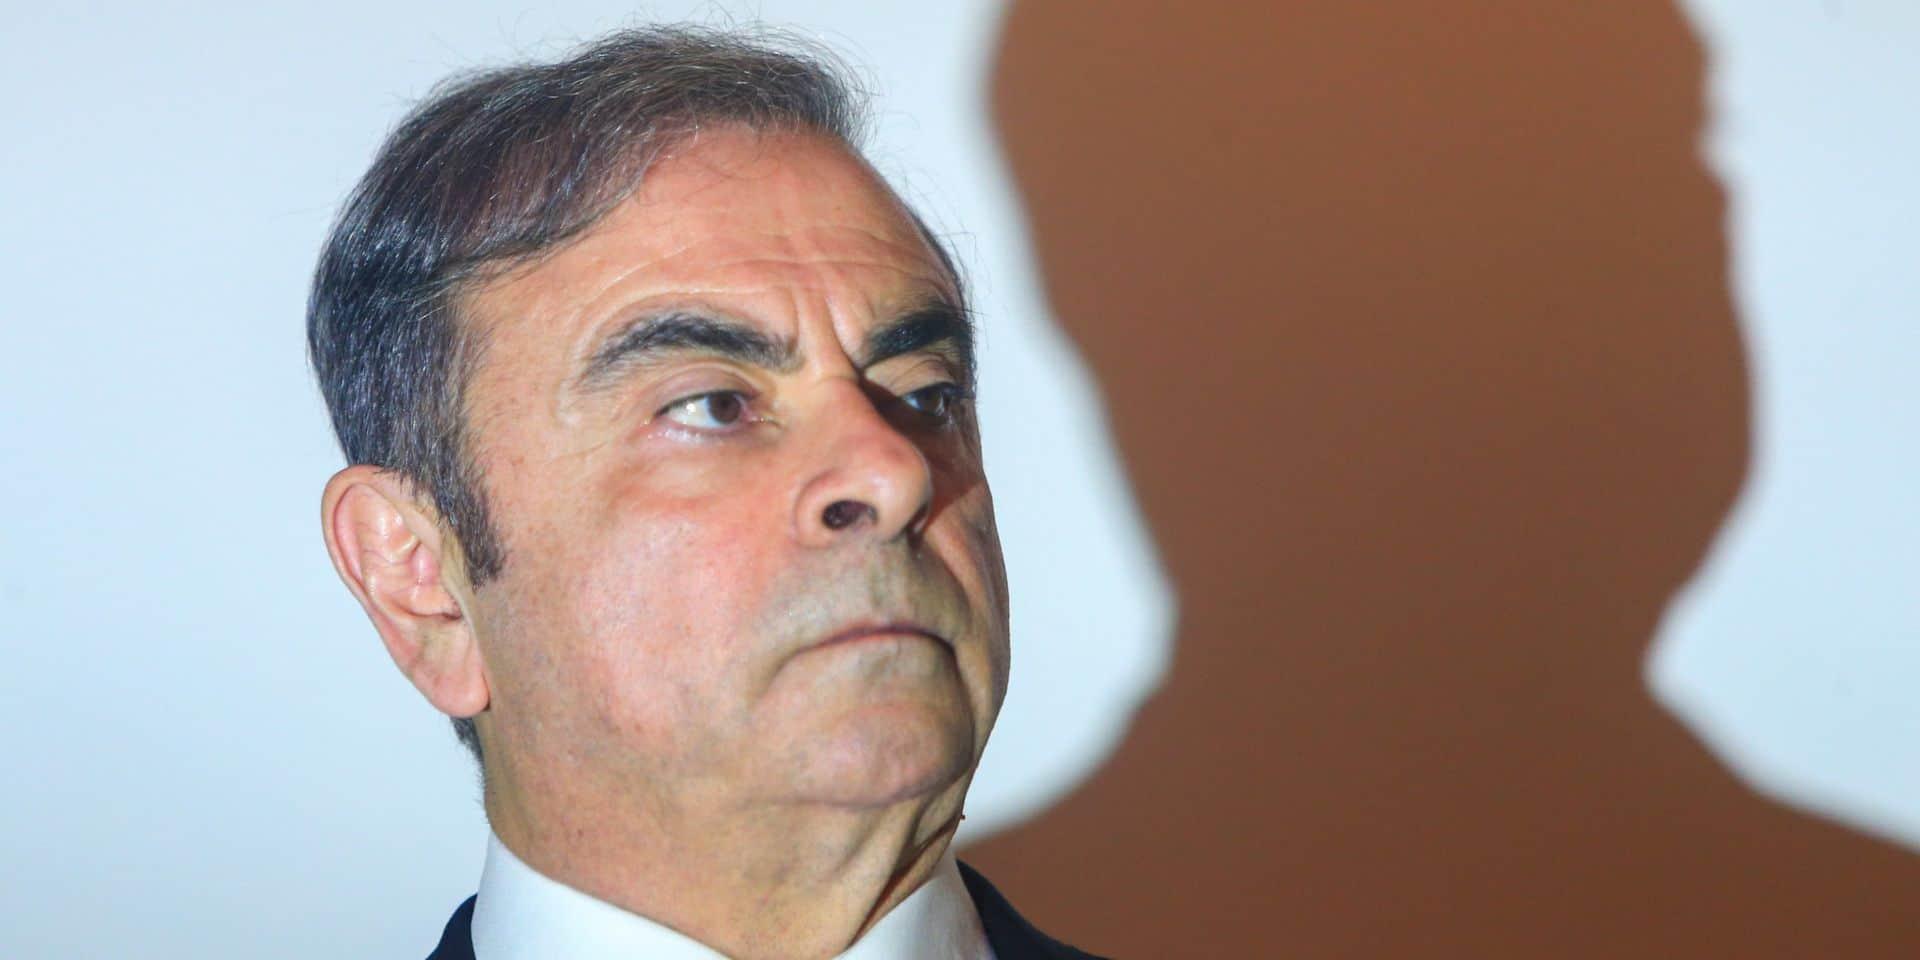 Interpol ajoute Ghosn à la liste des personnes les plus recherchées... mais ne trouve pas de photo